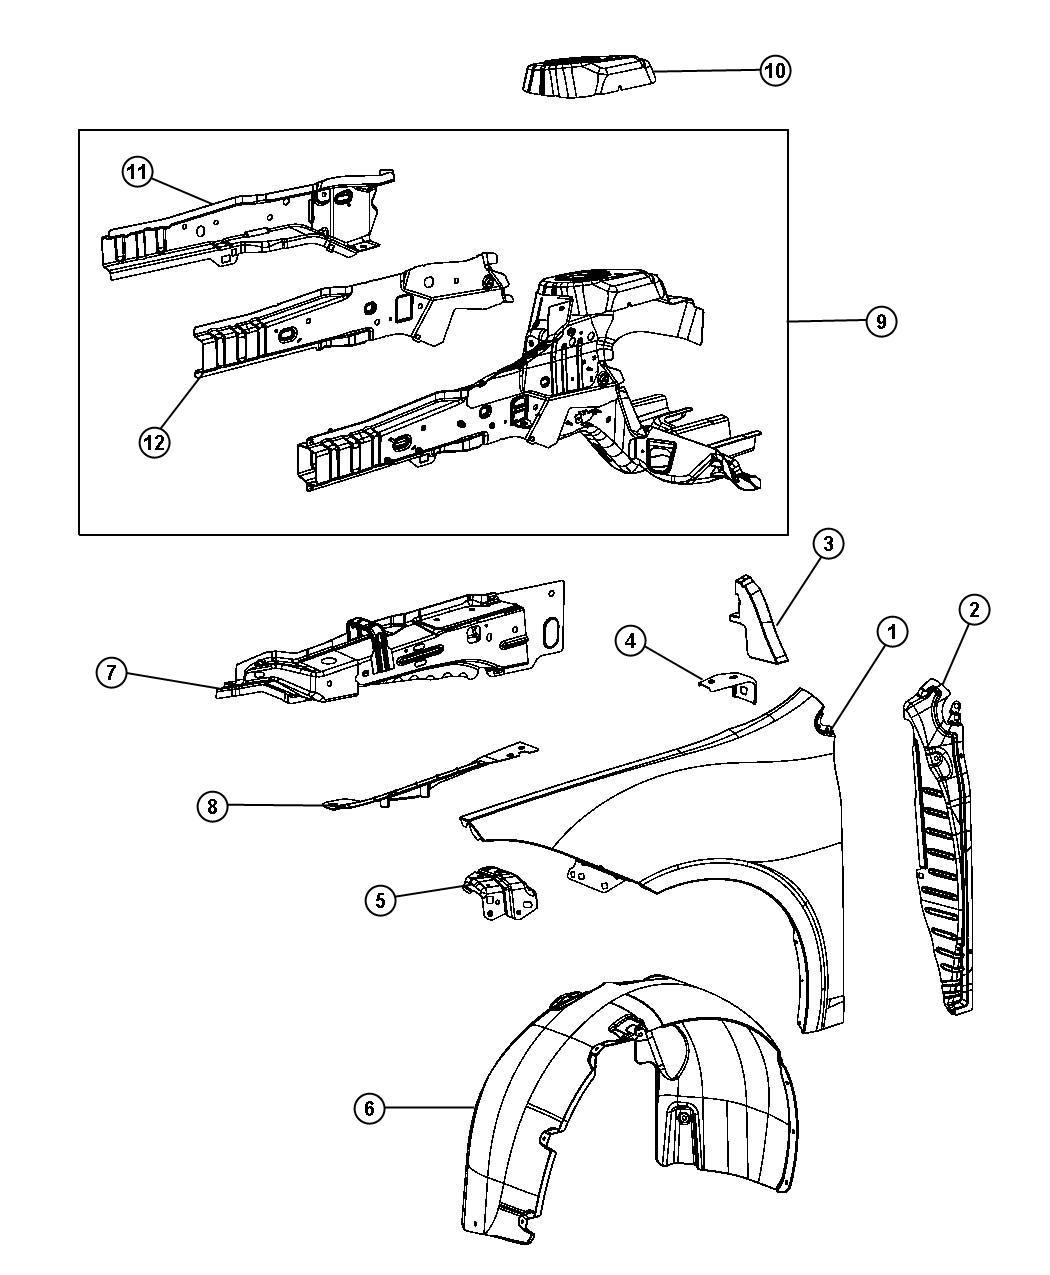 2013 Dodge Dart Screw. Up to 12/15/2014. Front, fenders